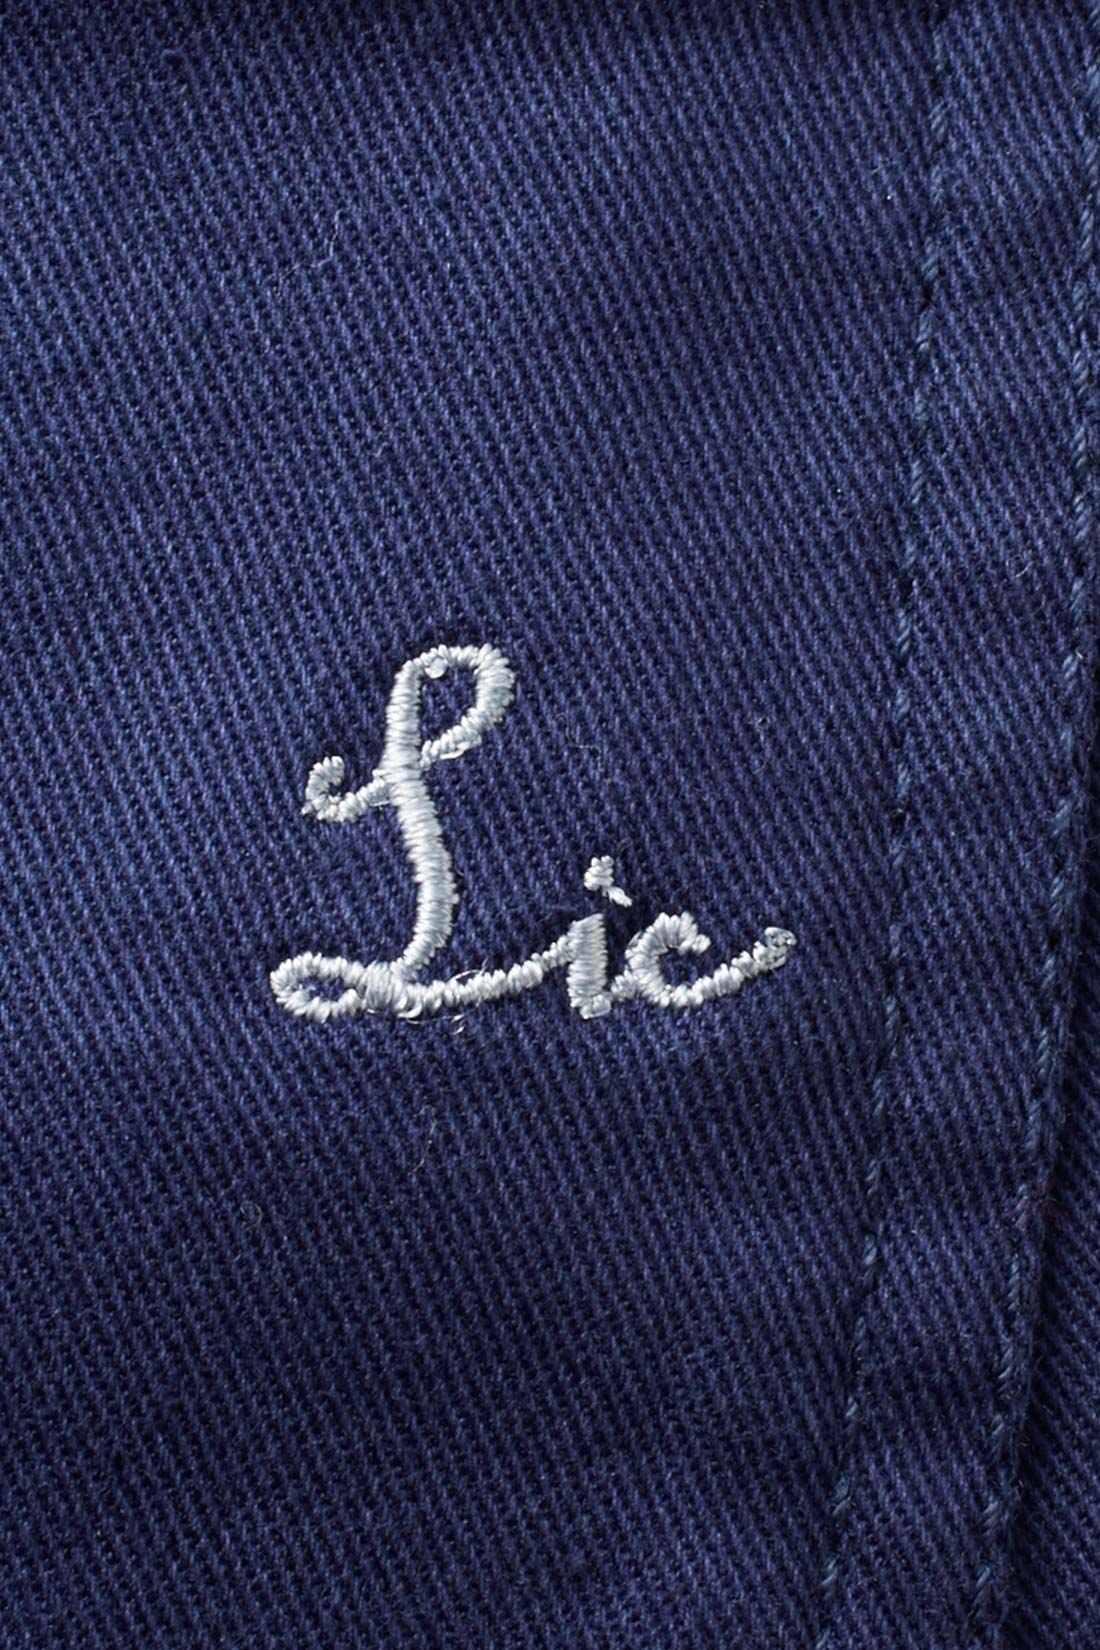 後ろポケットにはポイントになるリブインオリジナル刺繍をオン。